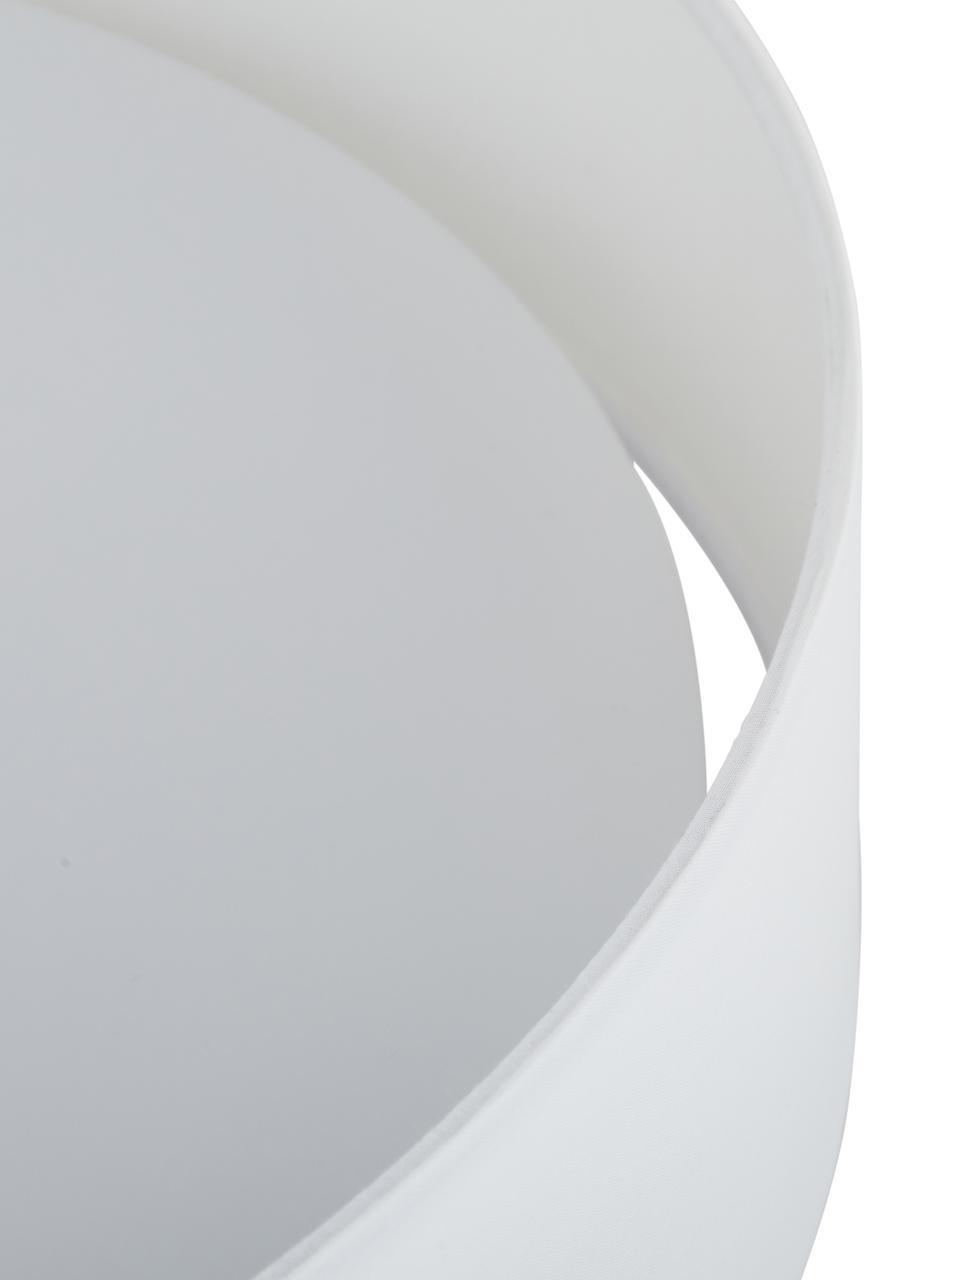 LED-Deckenleuchte Helen in Weiß, Diffusorscheibe: Kunststoff, Weiß, Ø 52 x H 11 cm